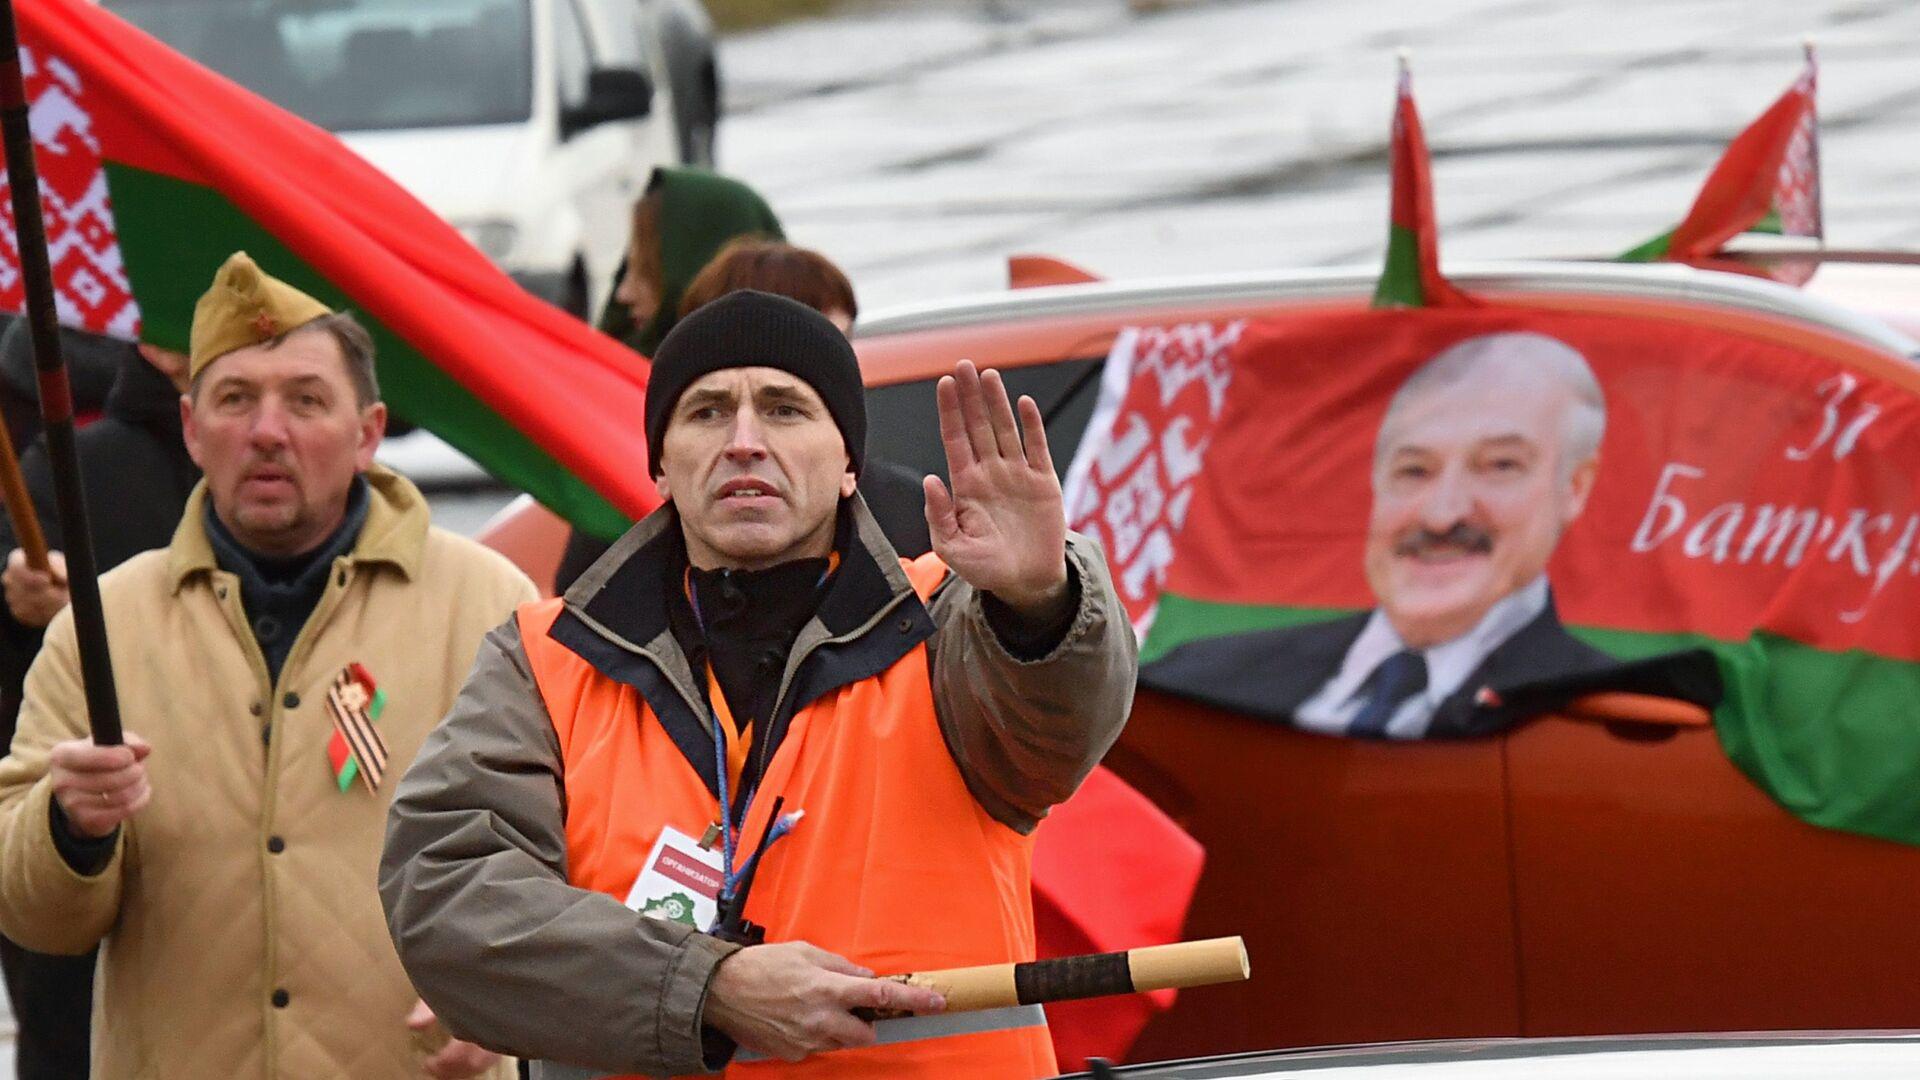 Автопробег в поддержку президента Лукашенко в Минске - Sputnik Беларусь, 1920, 28.09.2021